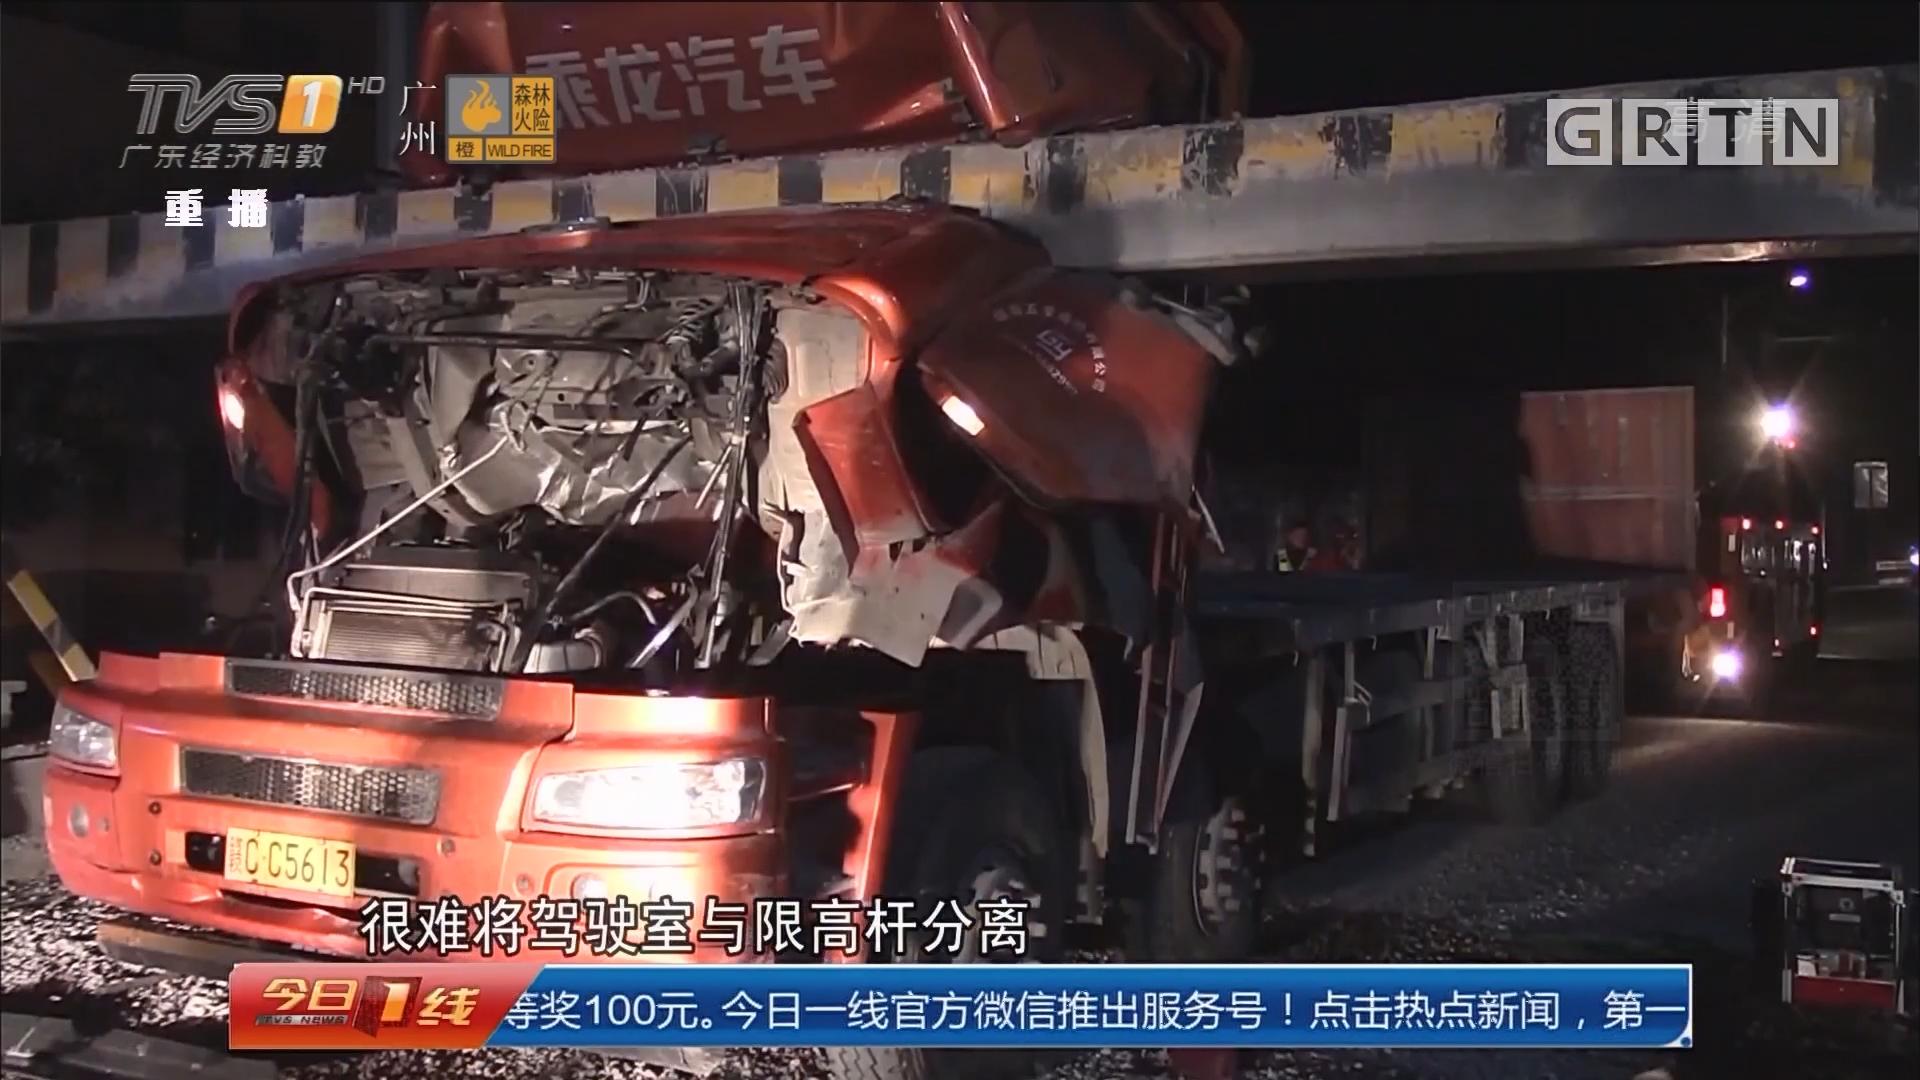 惠州:大货车撞龙门架 紧急救援被困司机